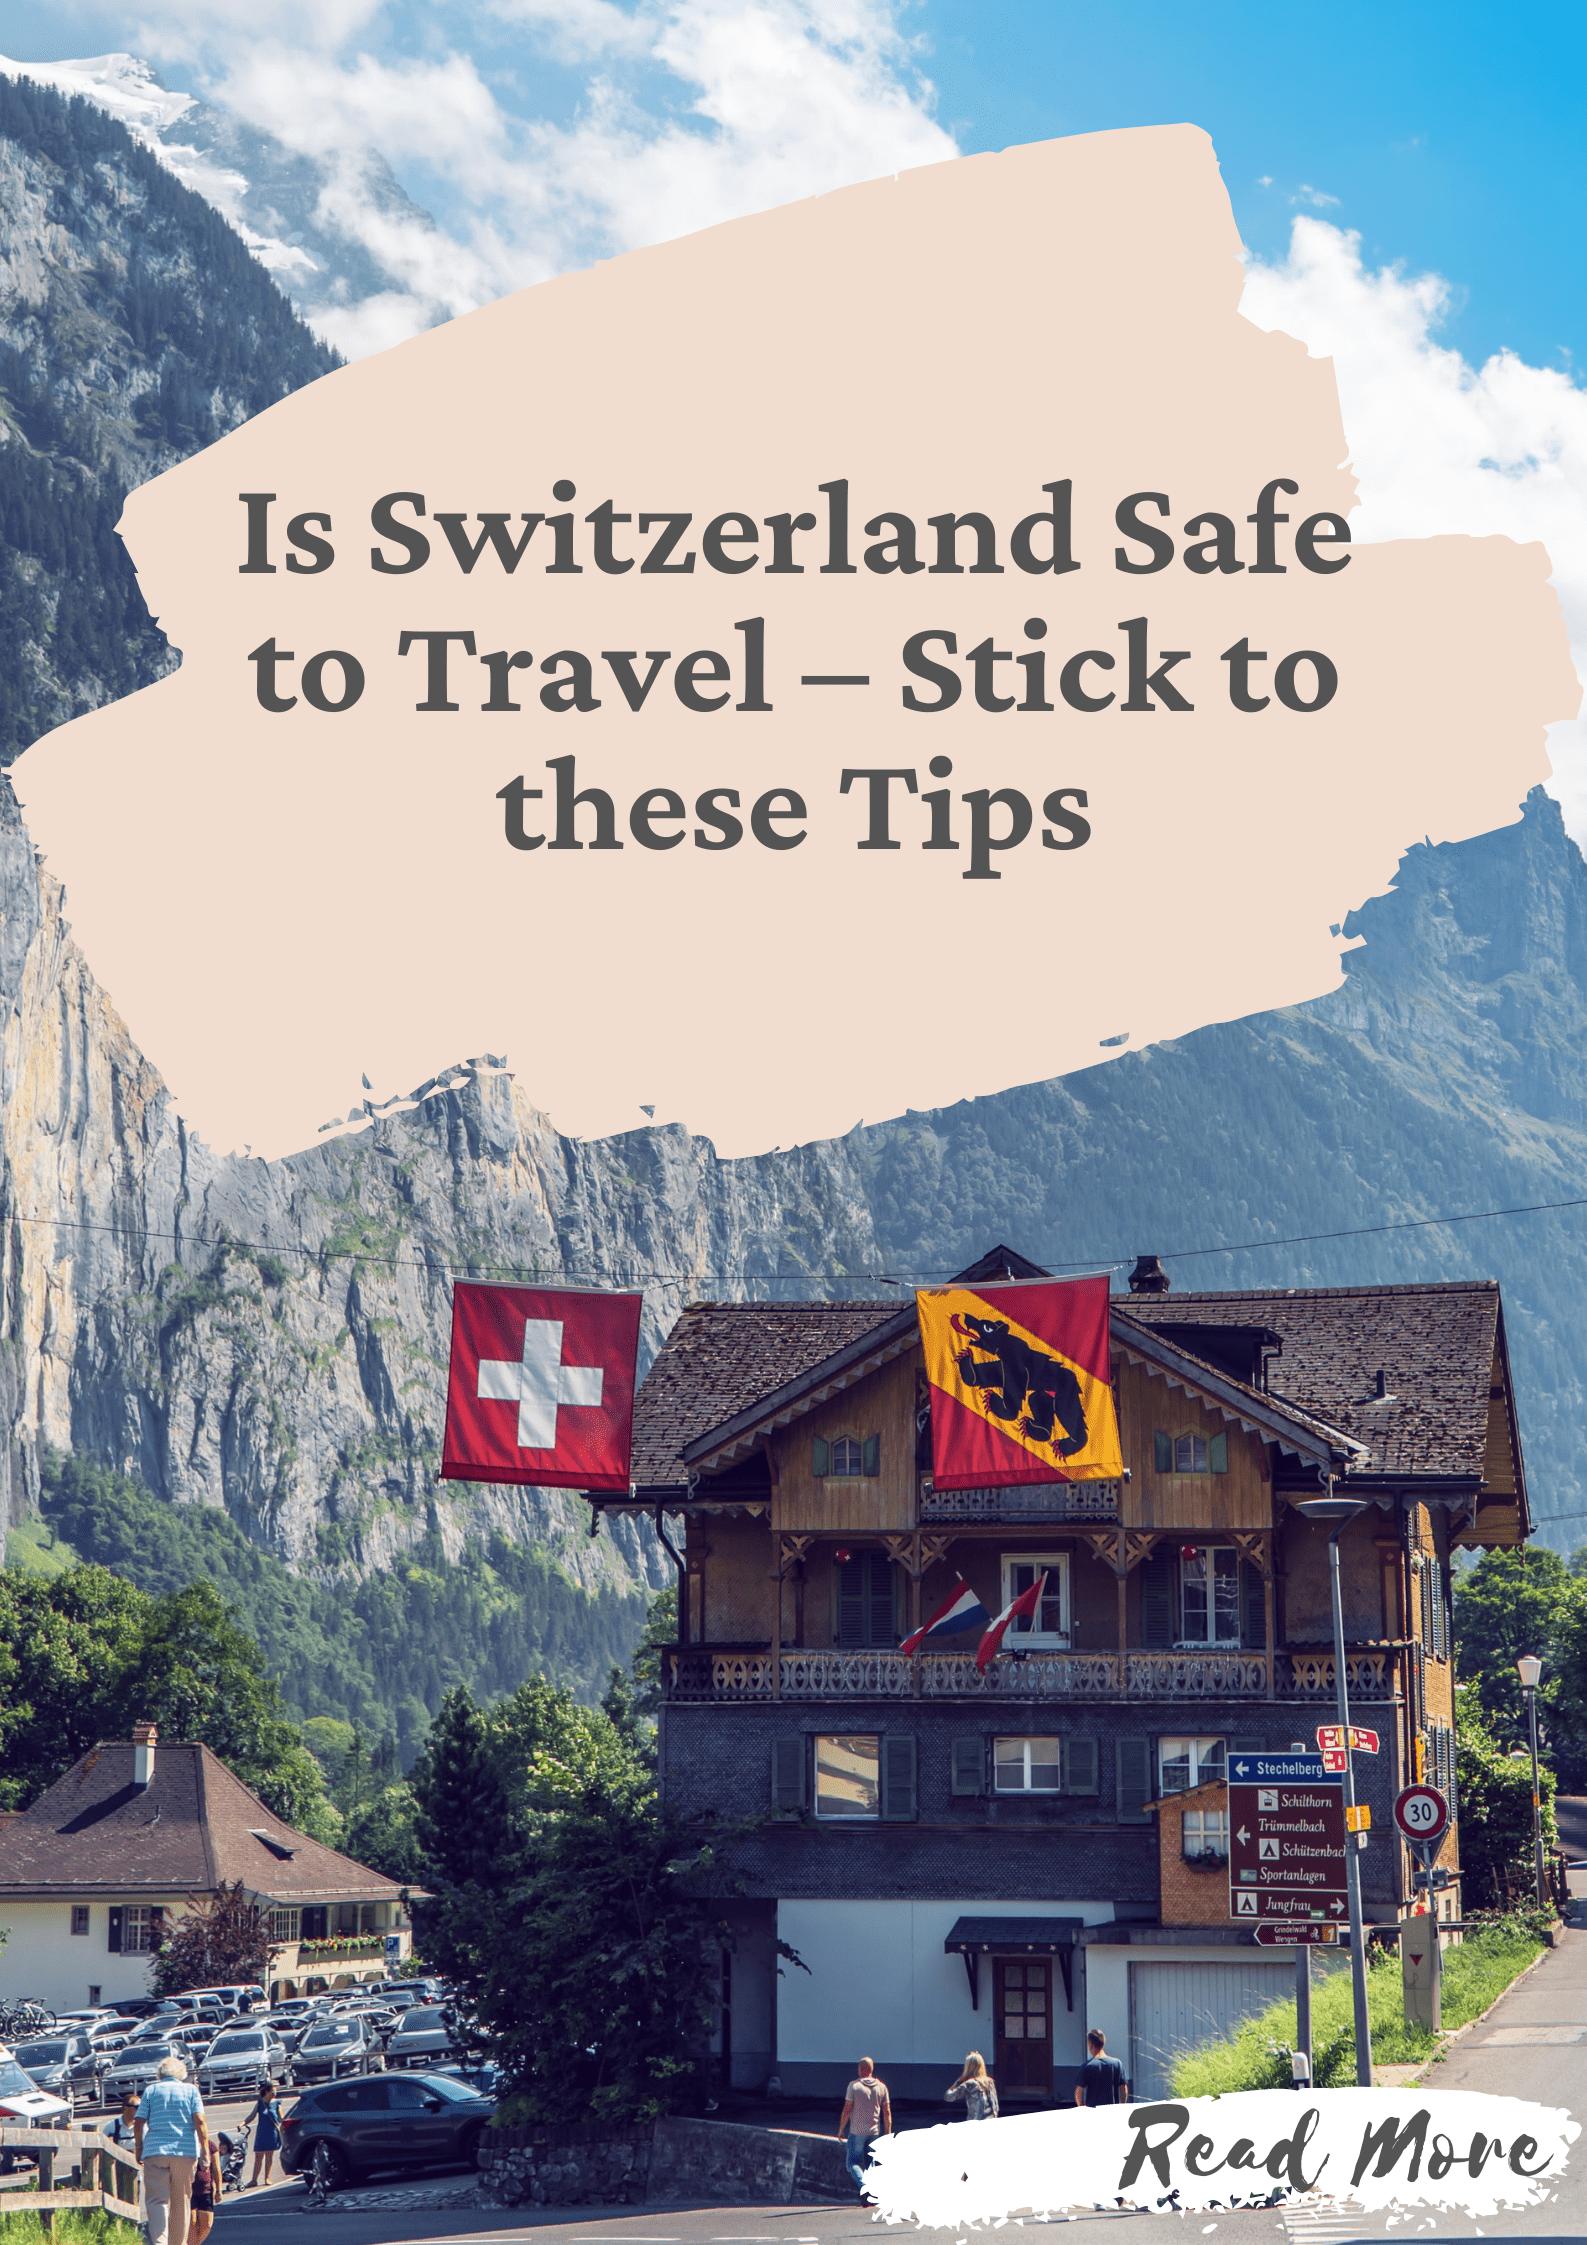 Is Switzerland safe to Travel